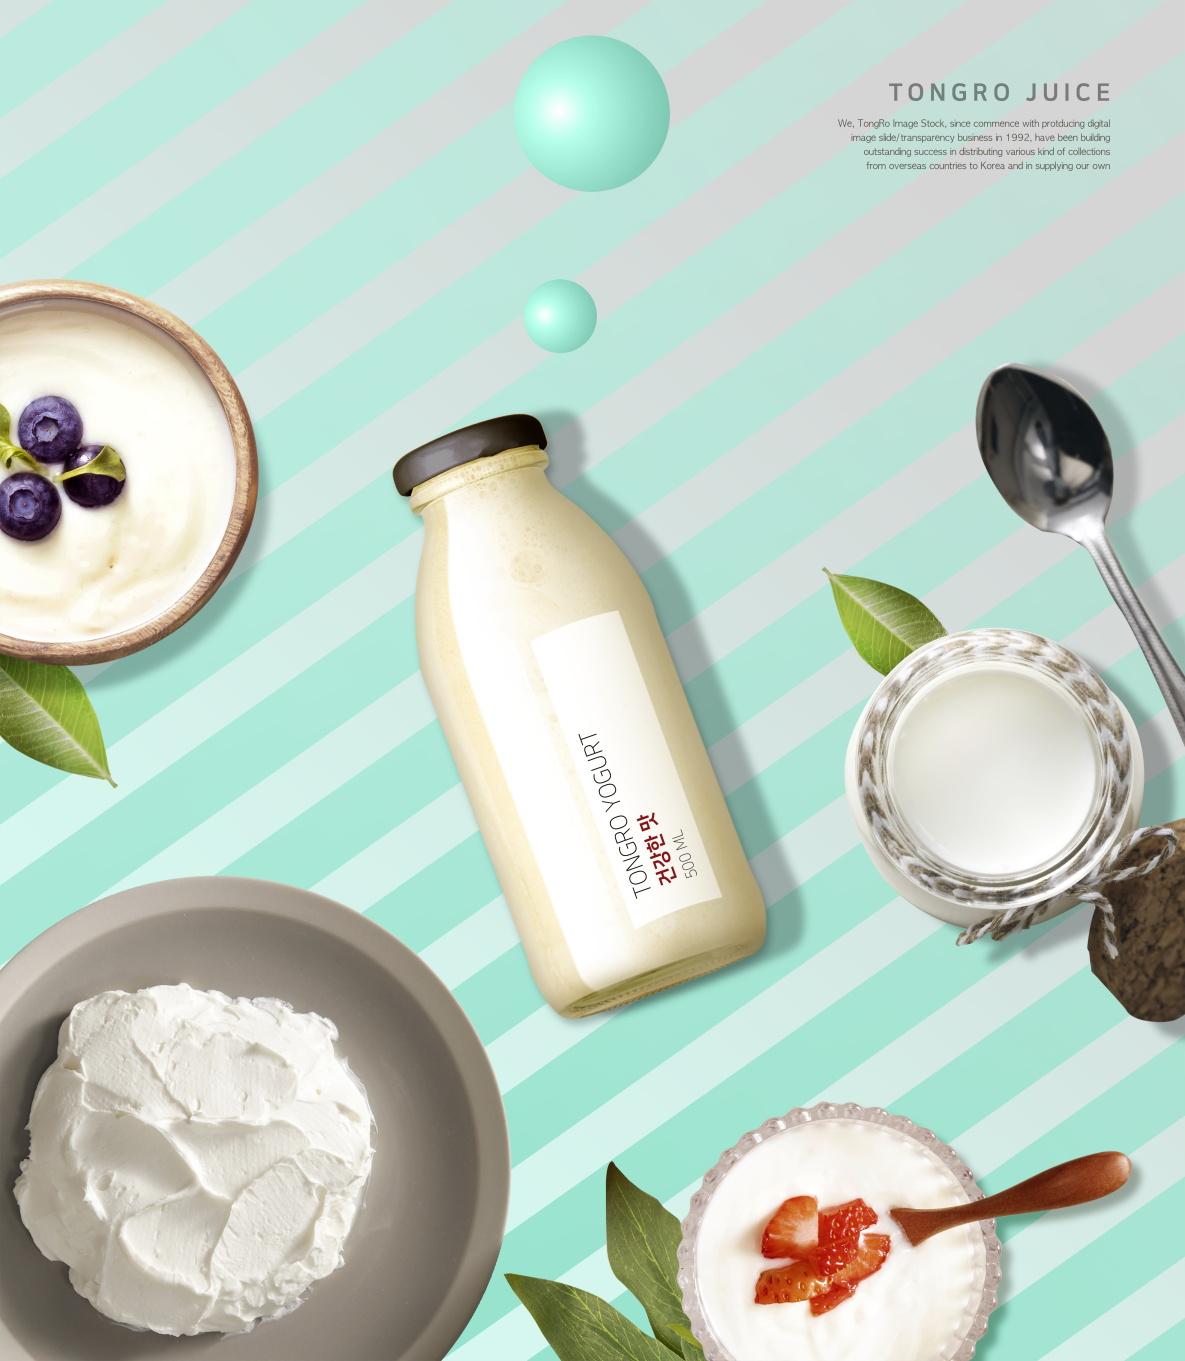 7款果汁饮料奶茶牛奶海报传单设计PSD模板素材 Juice Drink Sale Poster Template插图6